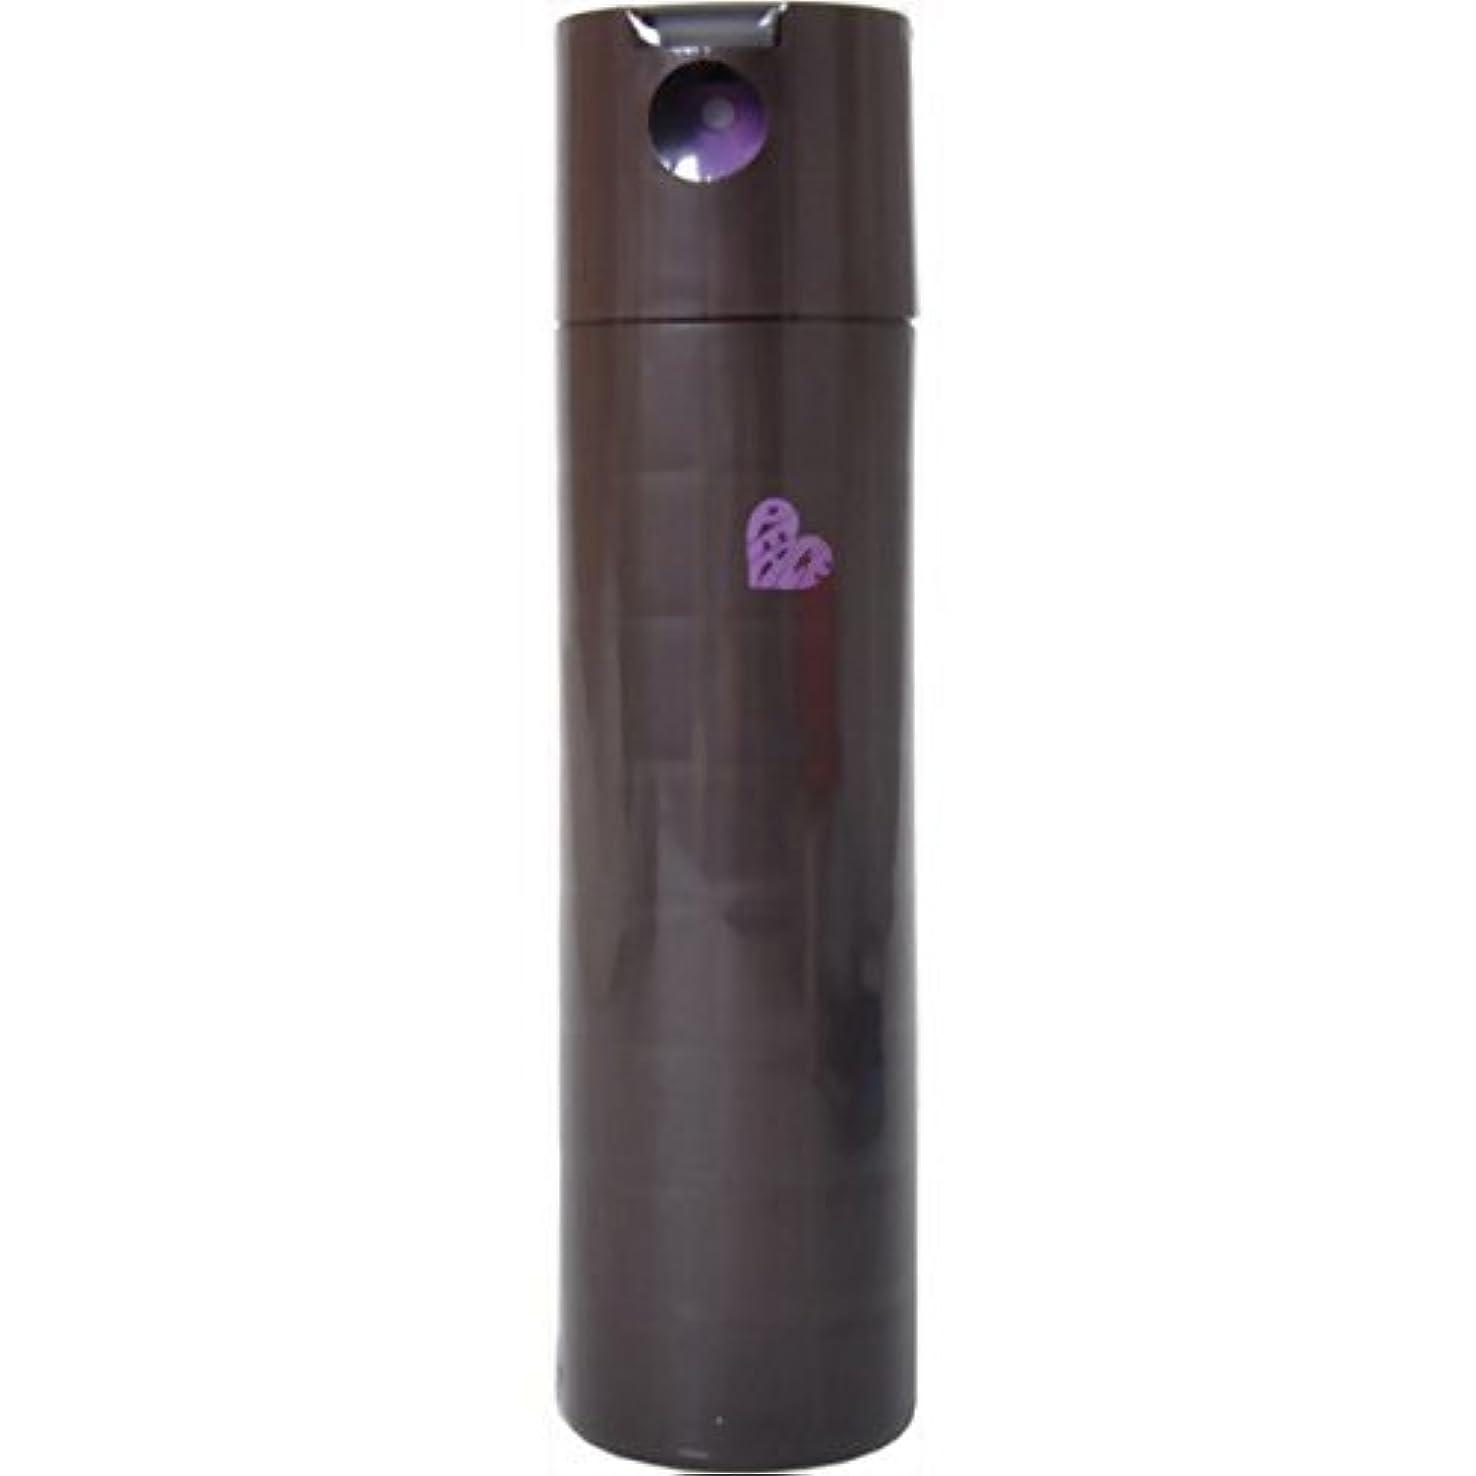 混沌意志に反する友だちアリミノ ピース カールspray チョコ 138g(200ml) スプレーライン ARIMINO PEACE